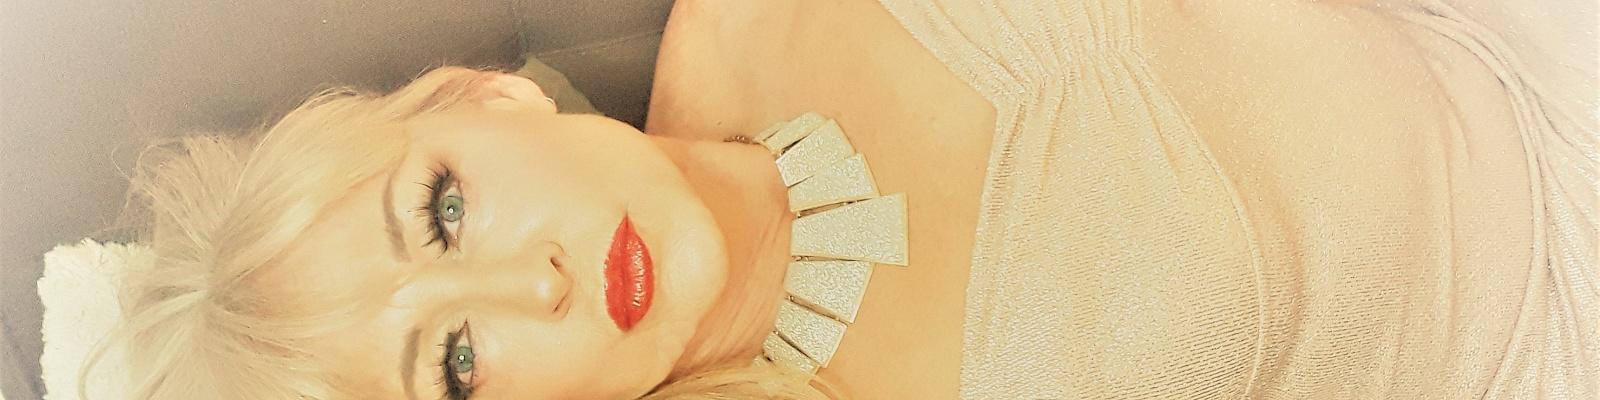 VIP Girlfriend Natasha Skinski's Cover Photo